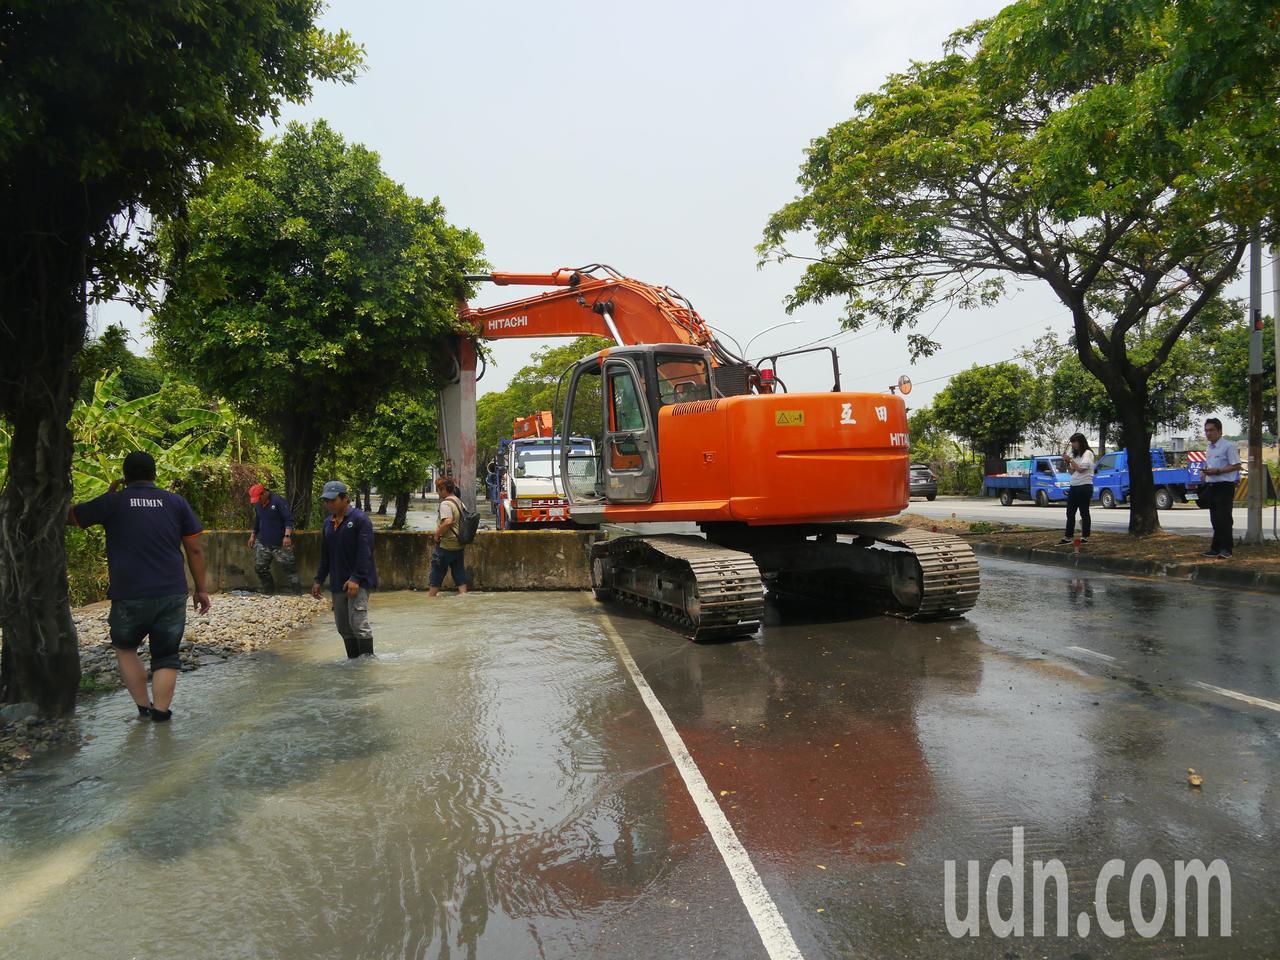 自來水公司七區管理處人員關閉水管,將進行管線修復施工。記者徐白櫻/攝影